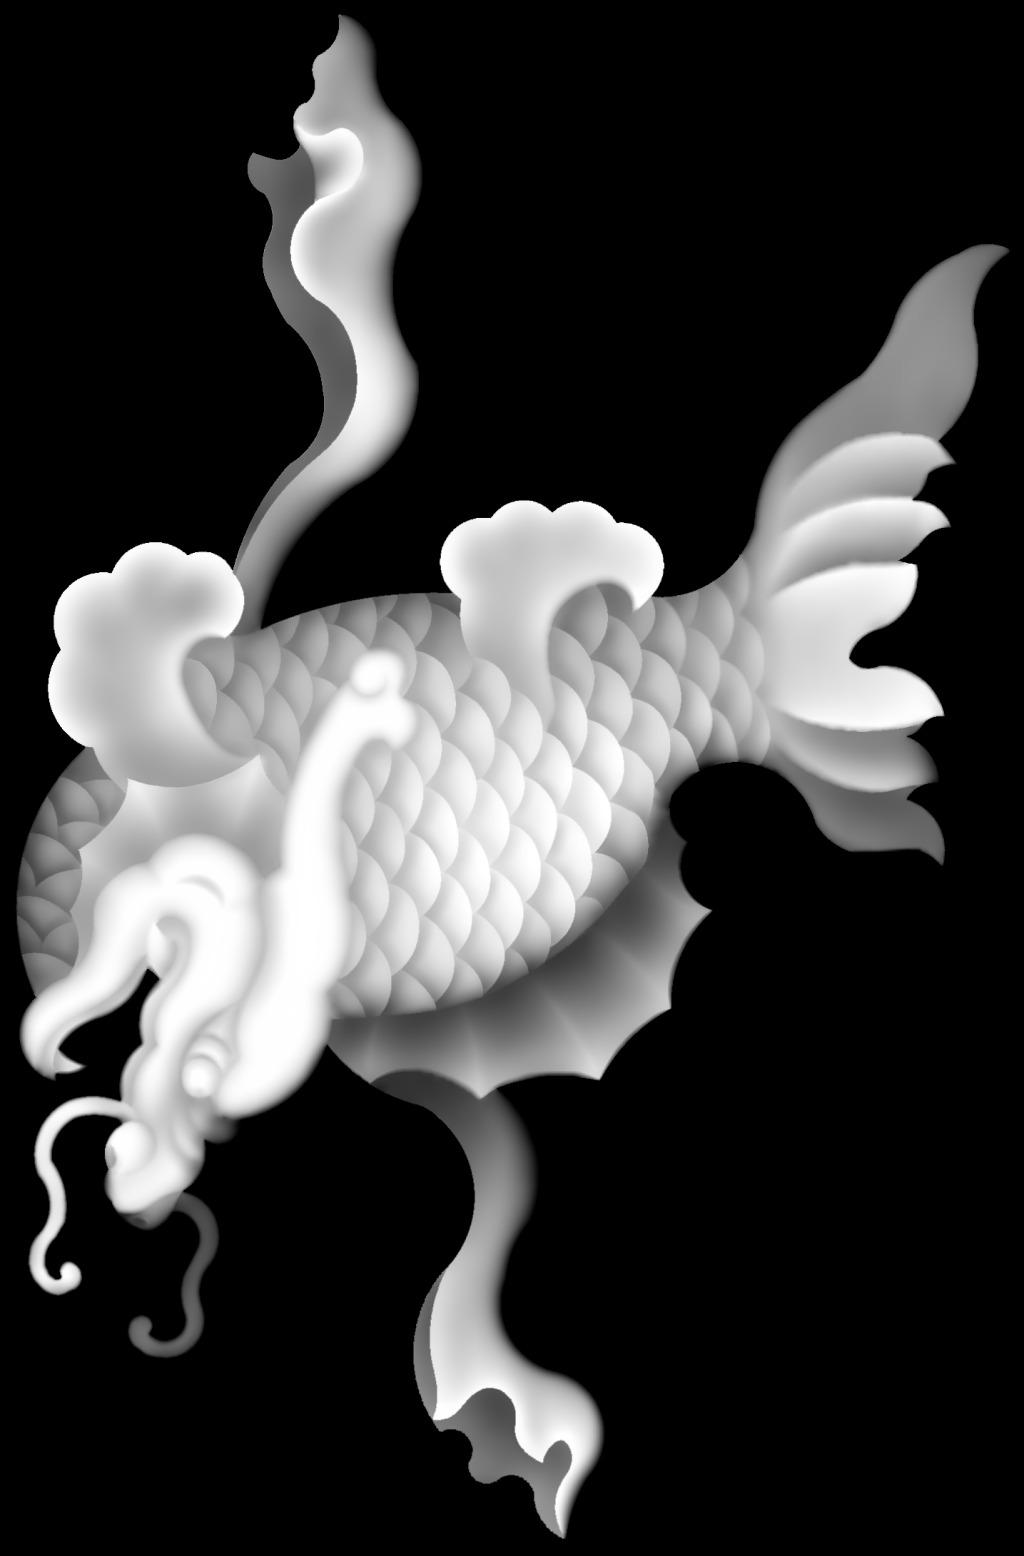 鱼灰度图免费下载 精雕图